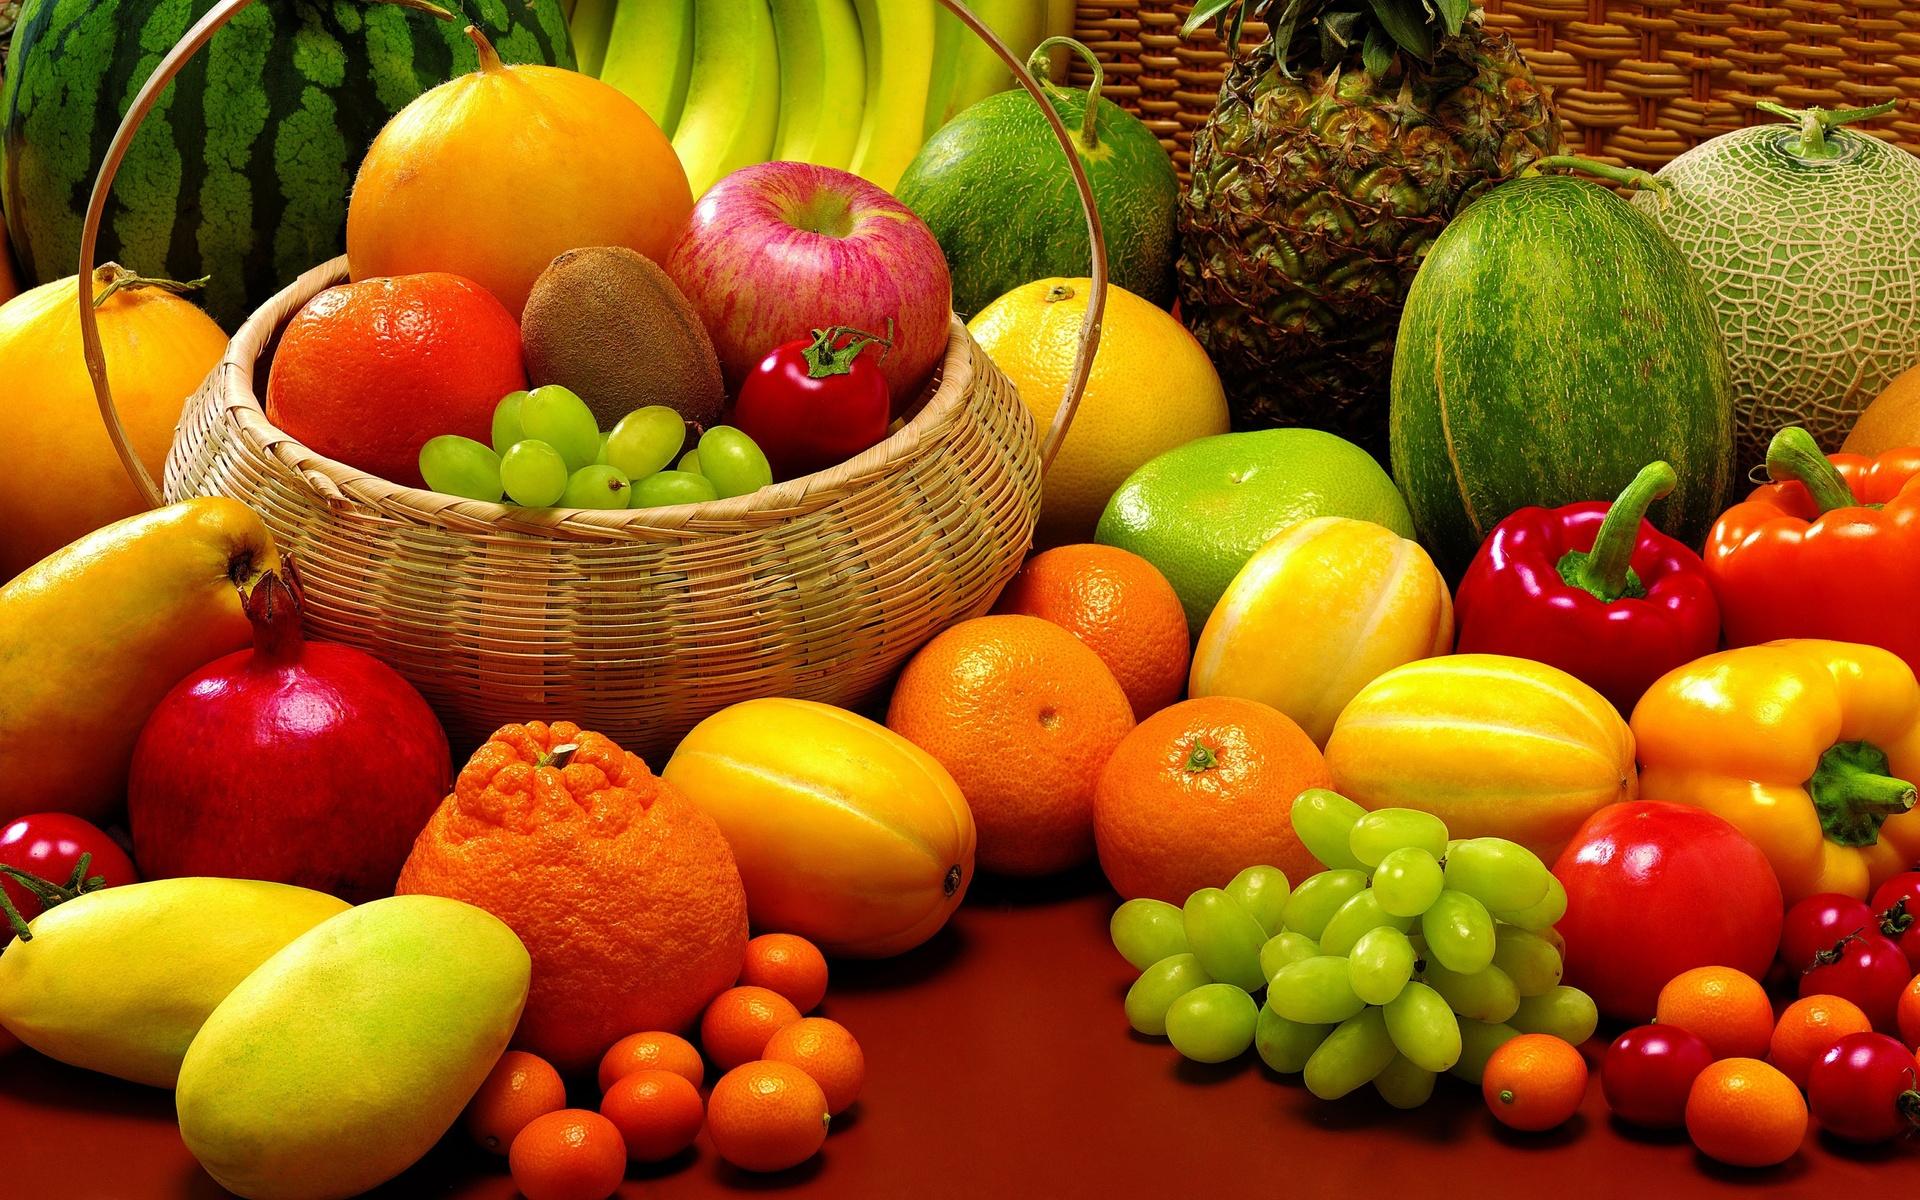 препараты снижающие холестерин растительного происхождения